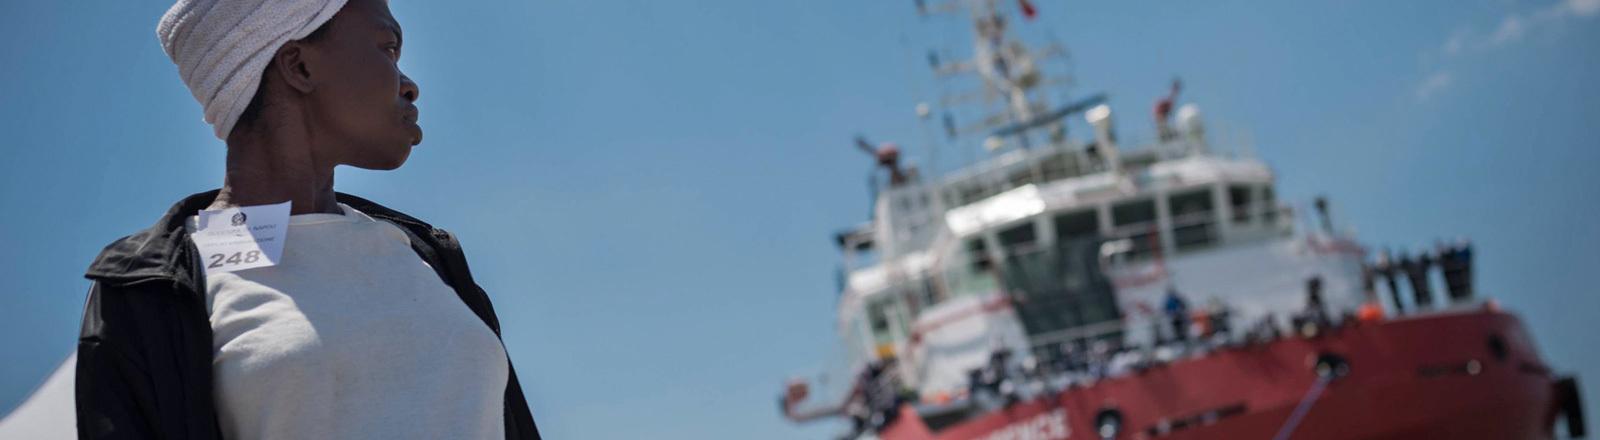 Das Schiff Vos Prudence von Ärzte ohne Grenzen bringt am 28.05.2017 Flüchtlinge an die italienischen Küste.